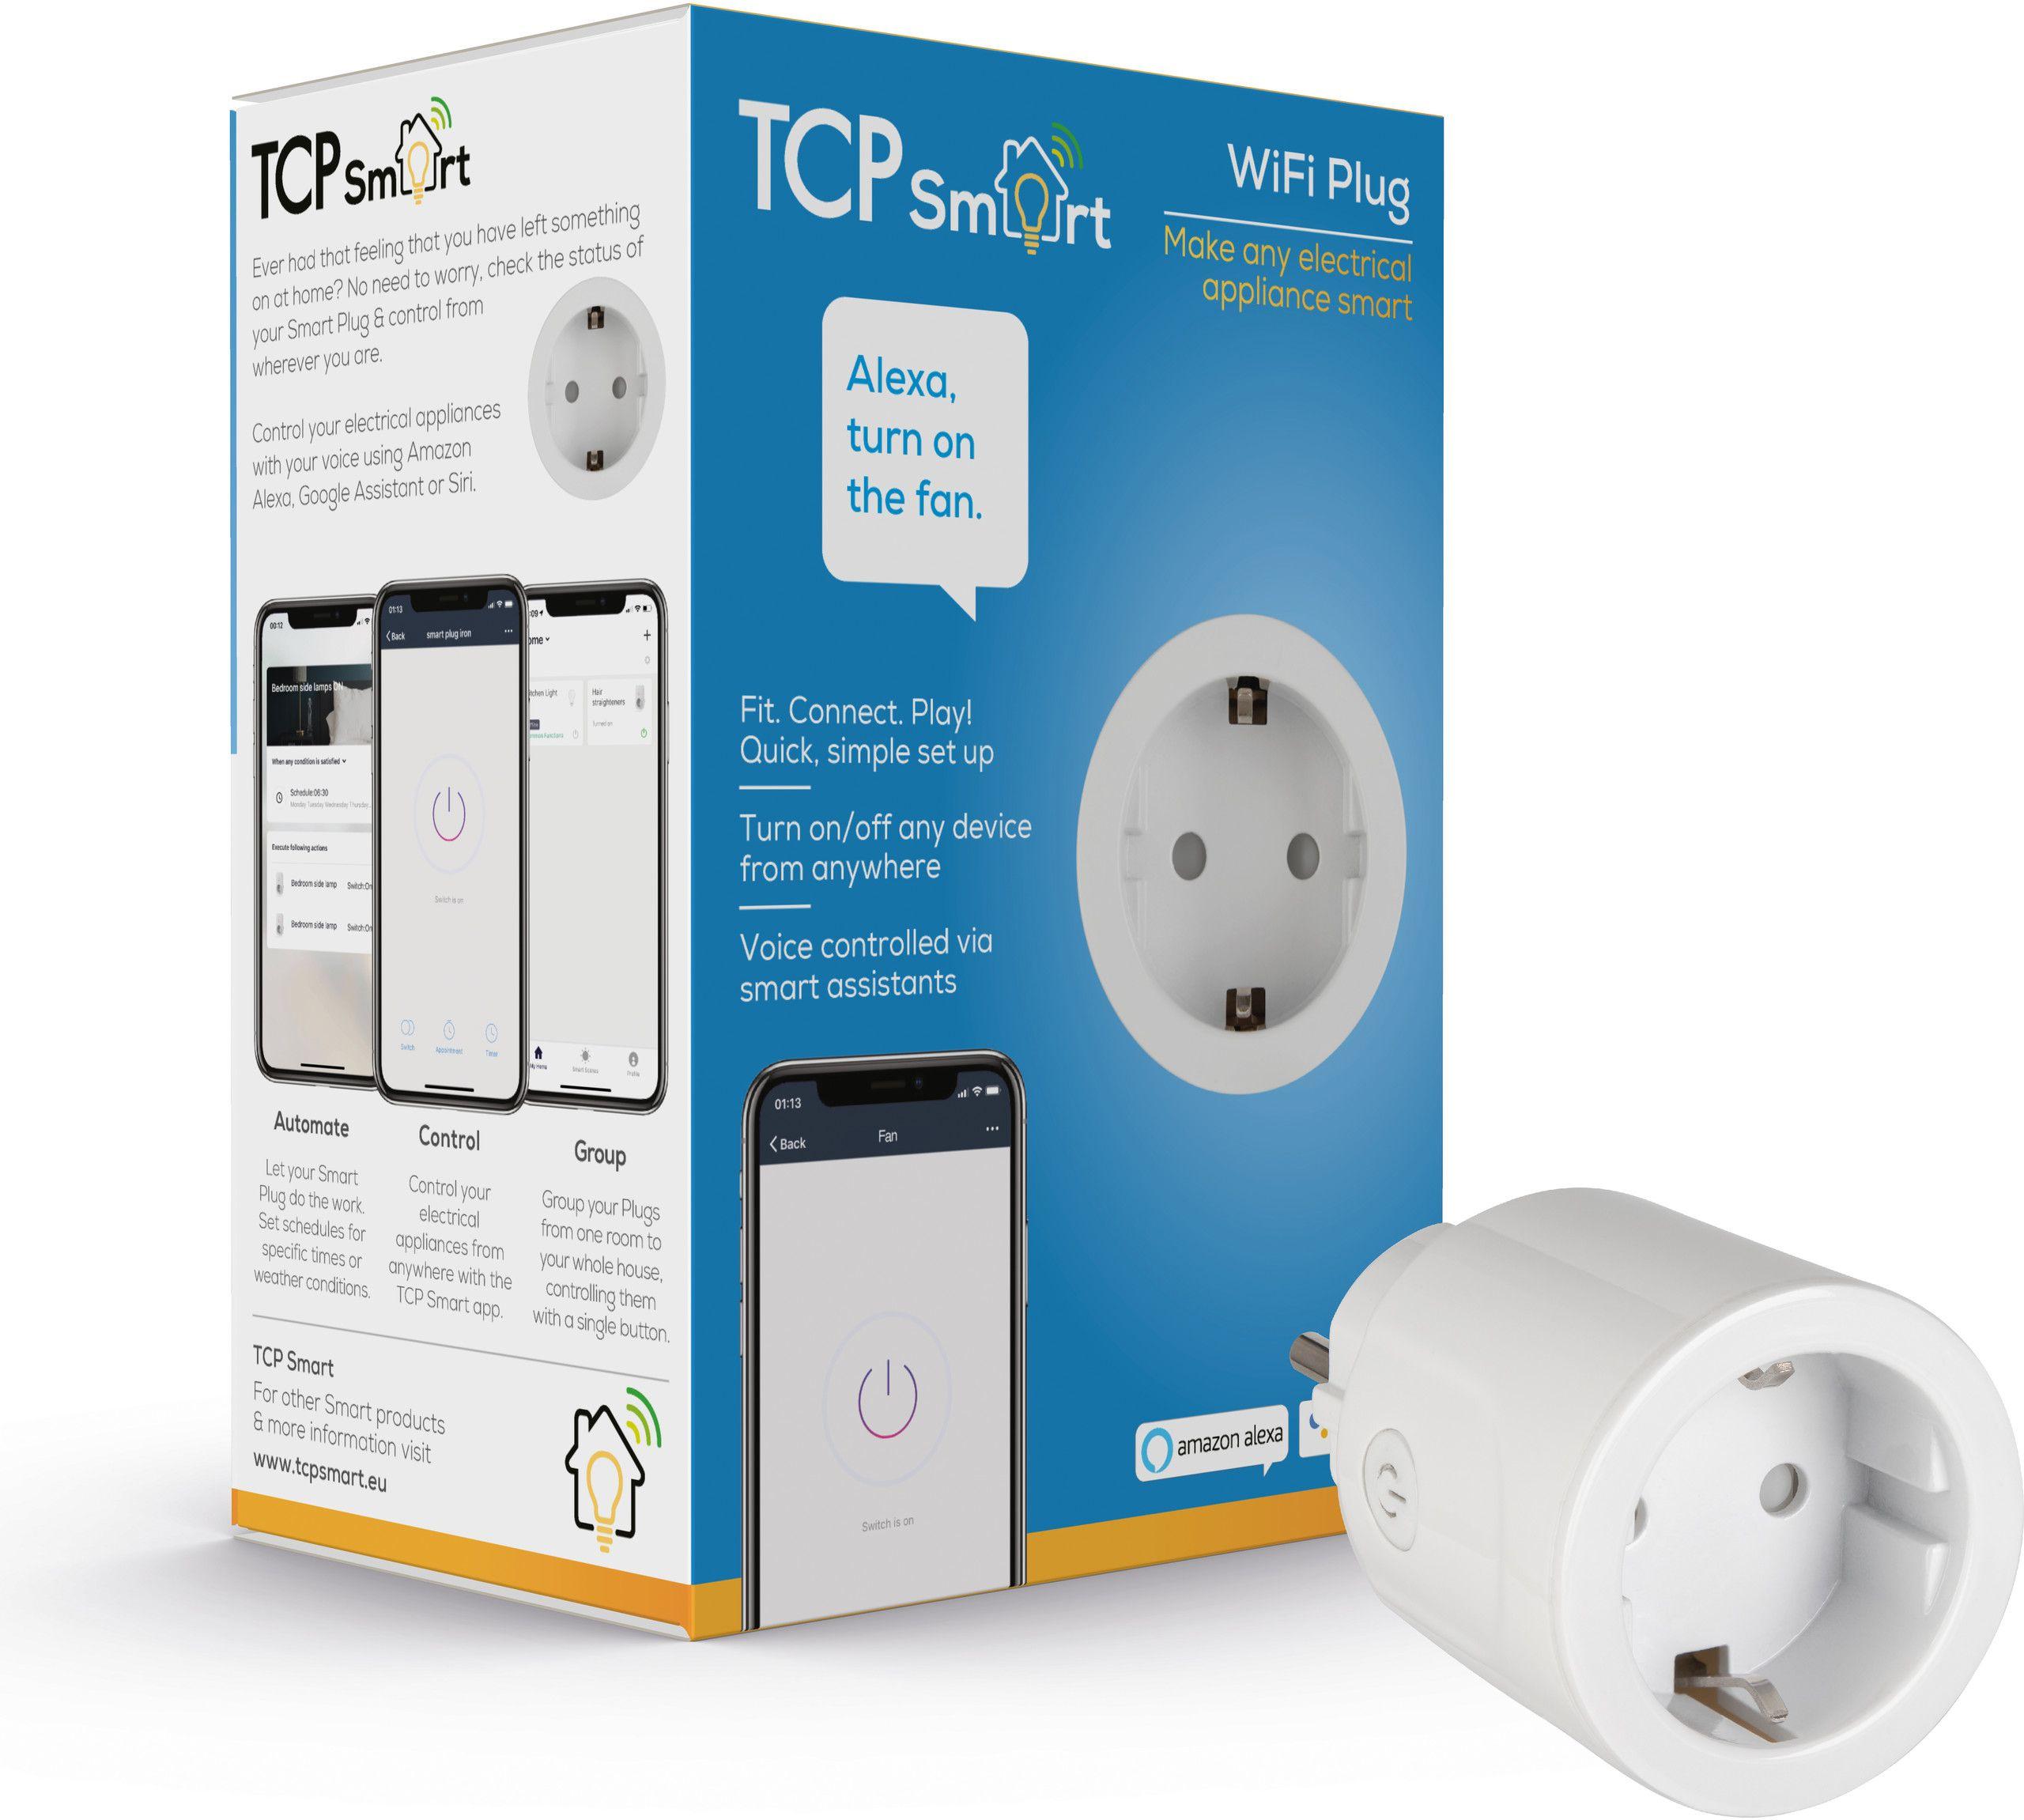 TCP Smart Wifi Power Plug